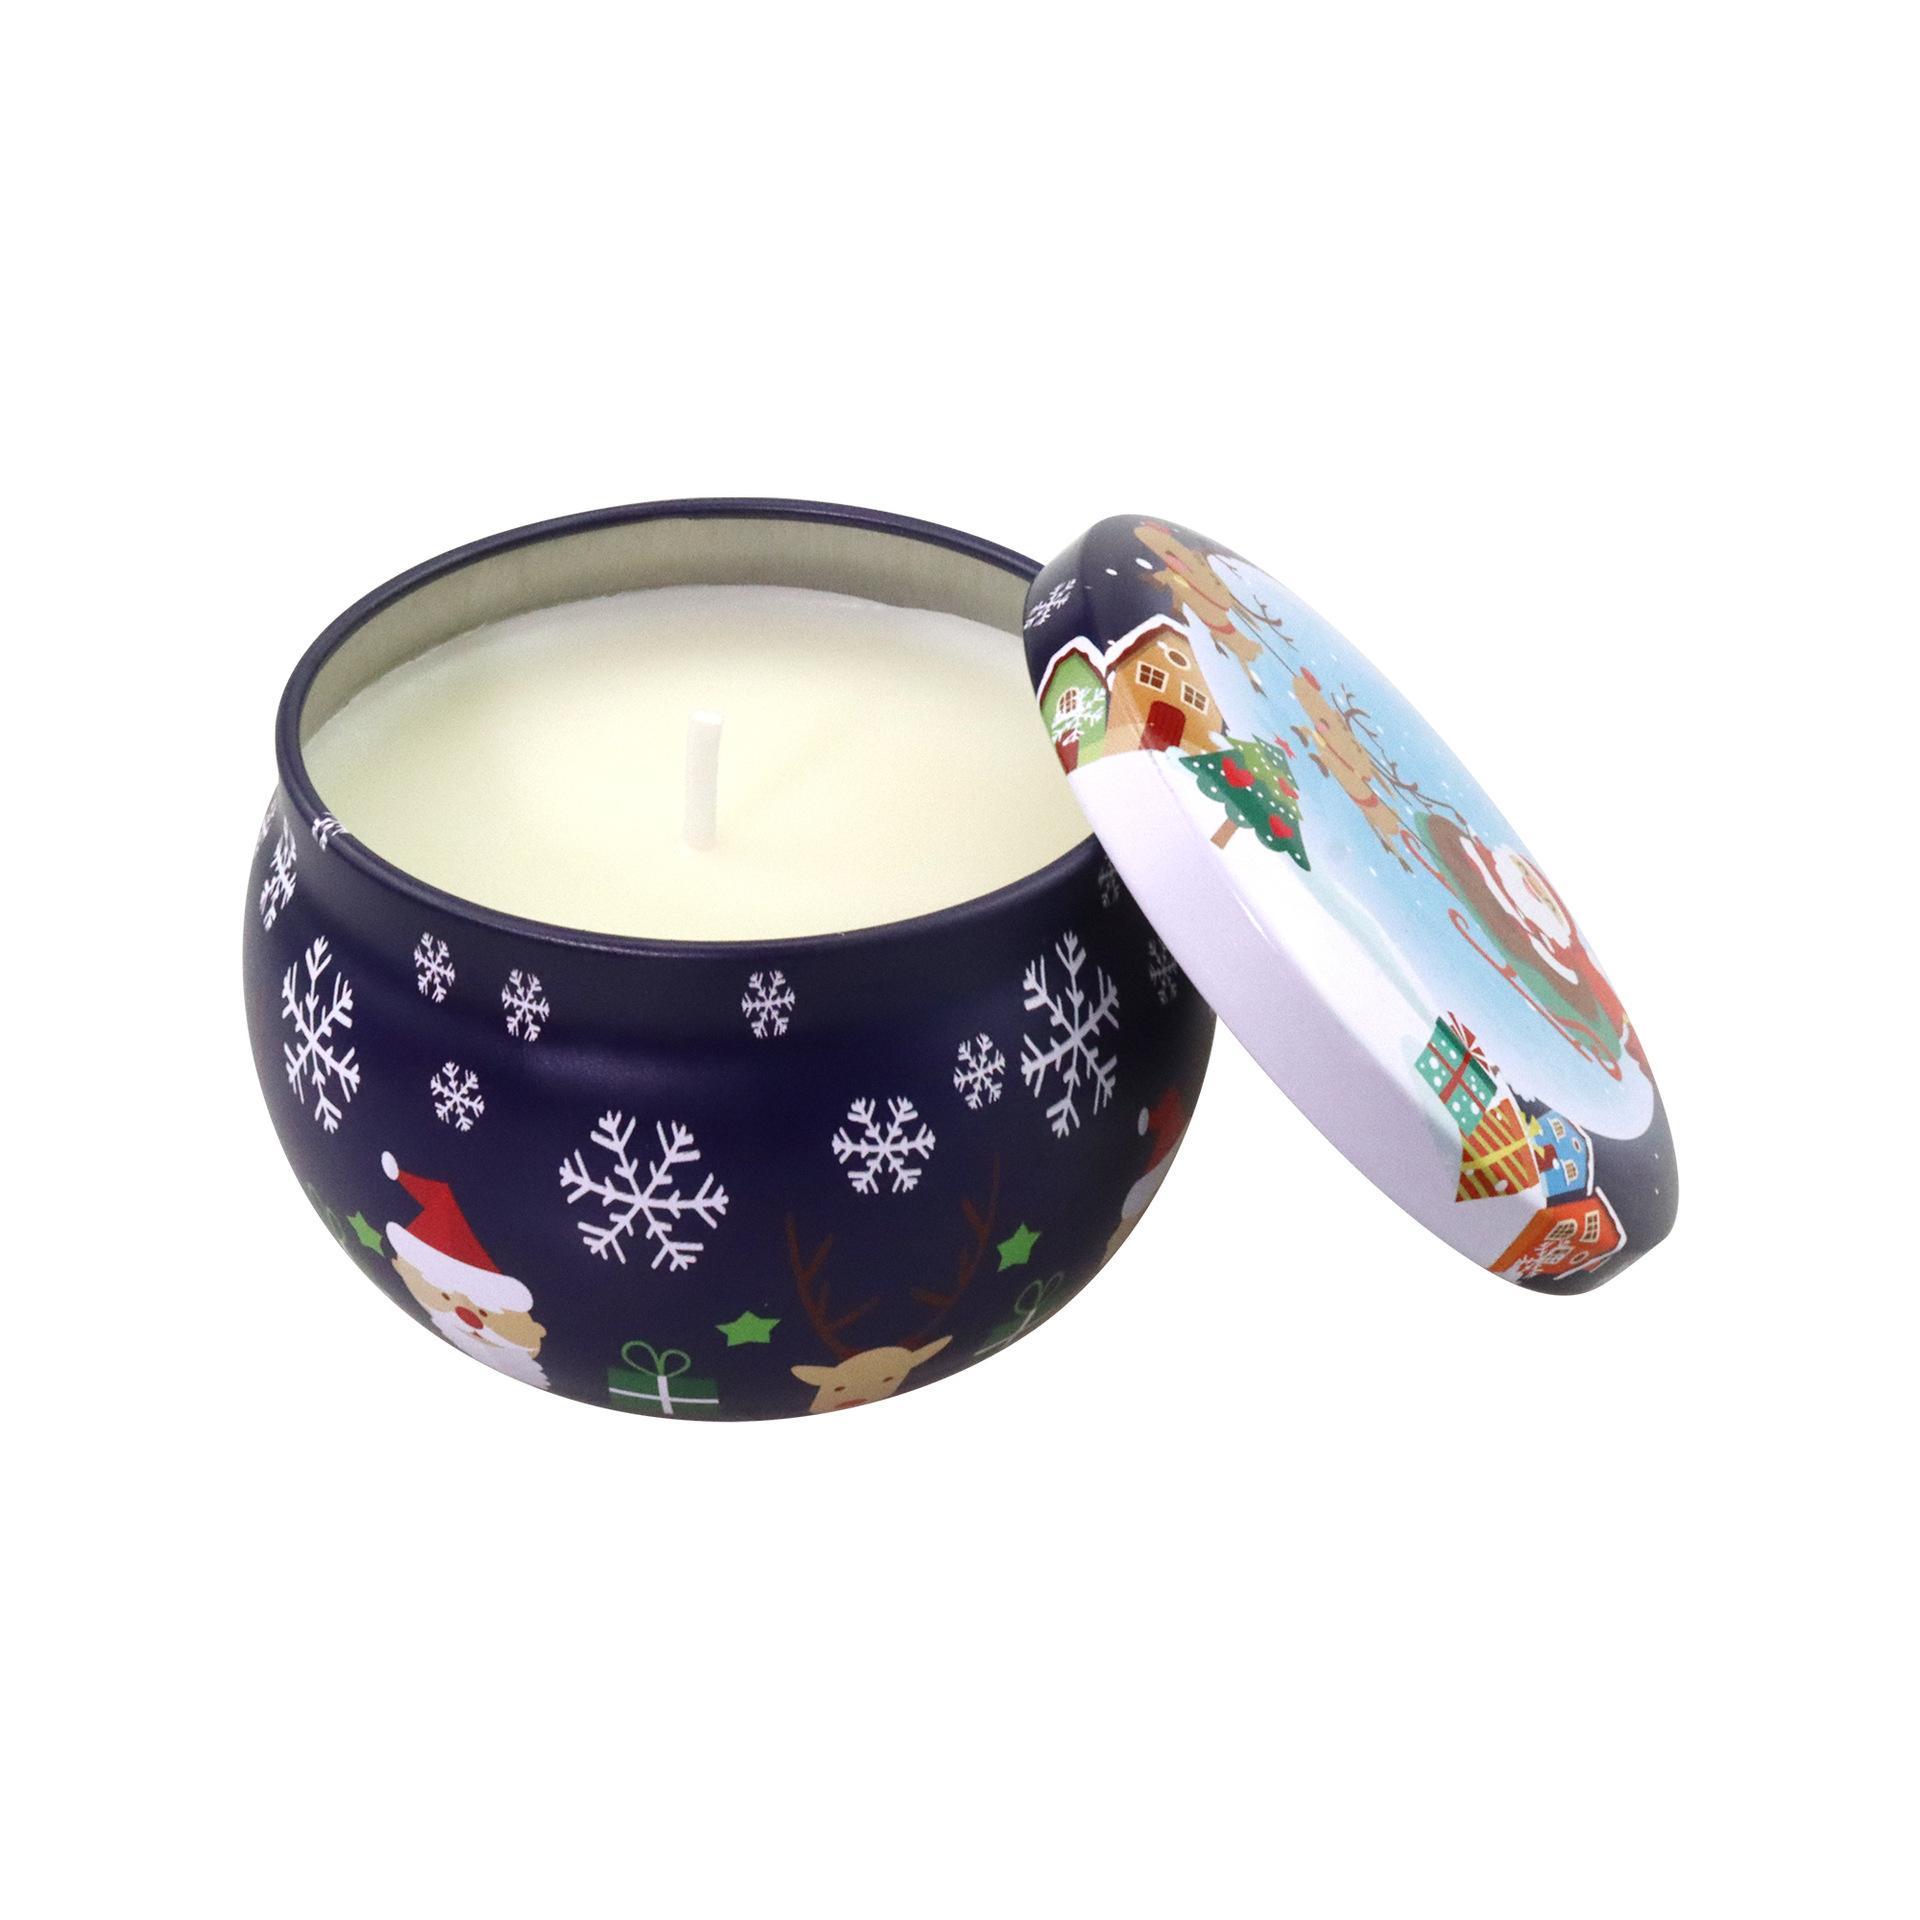 Natal mancha essencial óleo de soja de óleo de lata de lata velas cruz - coco de fronteira coco cantou candles